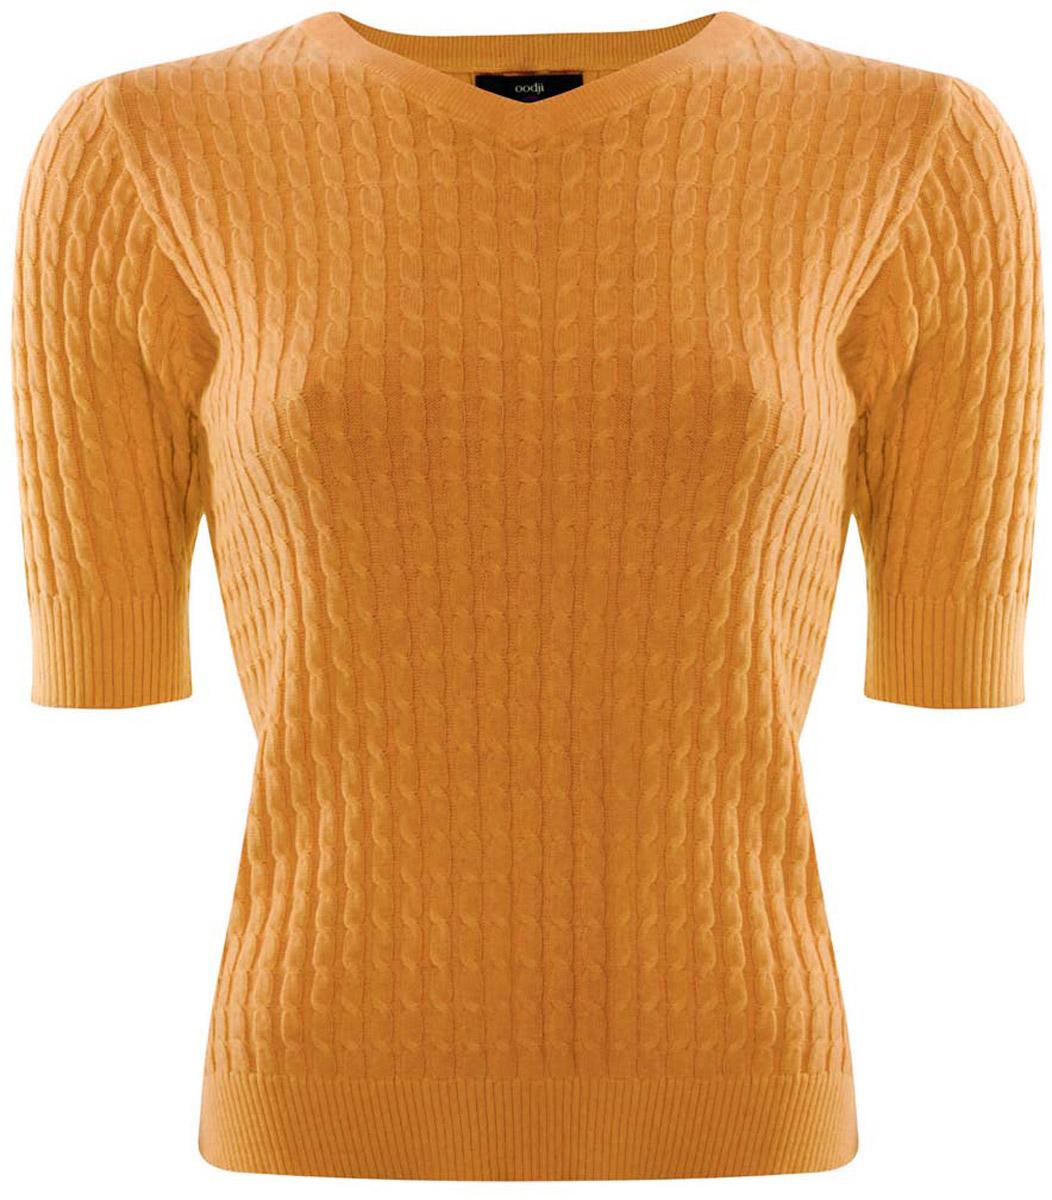 Джемпер женский oodji Ultra, цвет: темно-желтый. 63812518-1/42361/5200N. Размер XXS (40)63812518-1/42361/5200NДжемпер женский oodji Ultra изготовлен из натурального хлопка с добавлением полиамида. Модель выполнена с рукавами до локтя и V-образным вырезом. Горловина, низ джемпера и рукавов связаны резинкой, по бокам имеются небольшие разрезы.